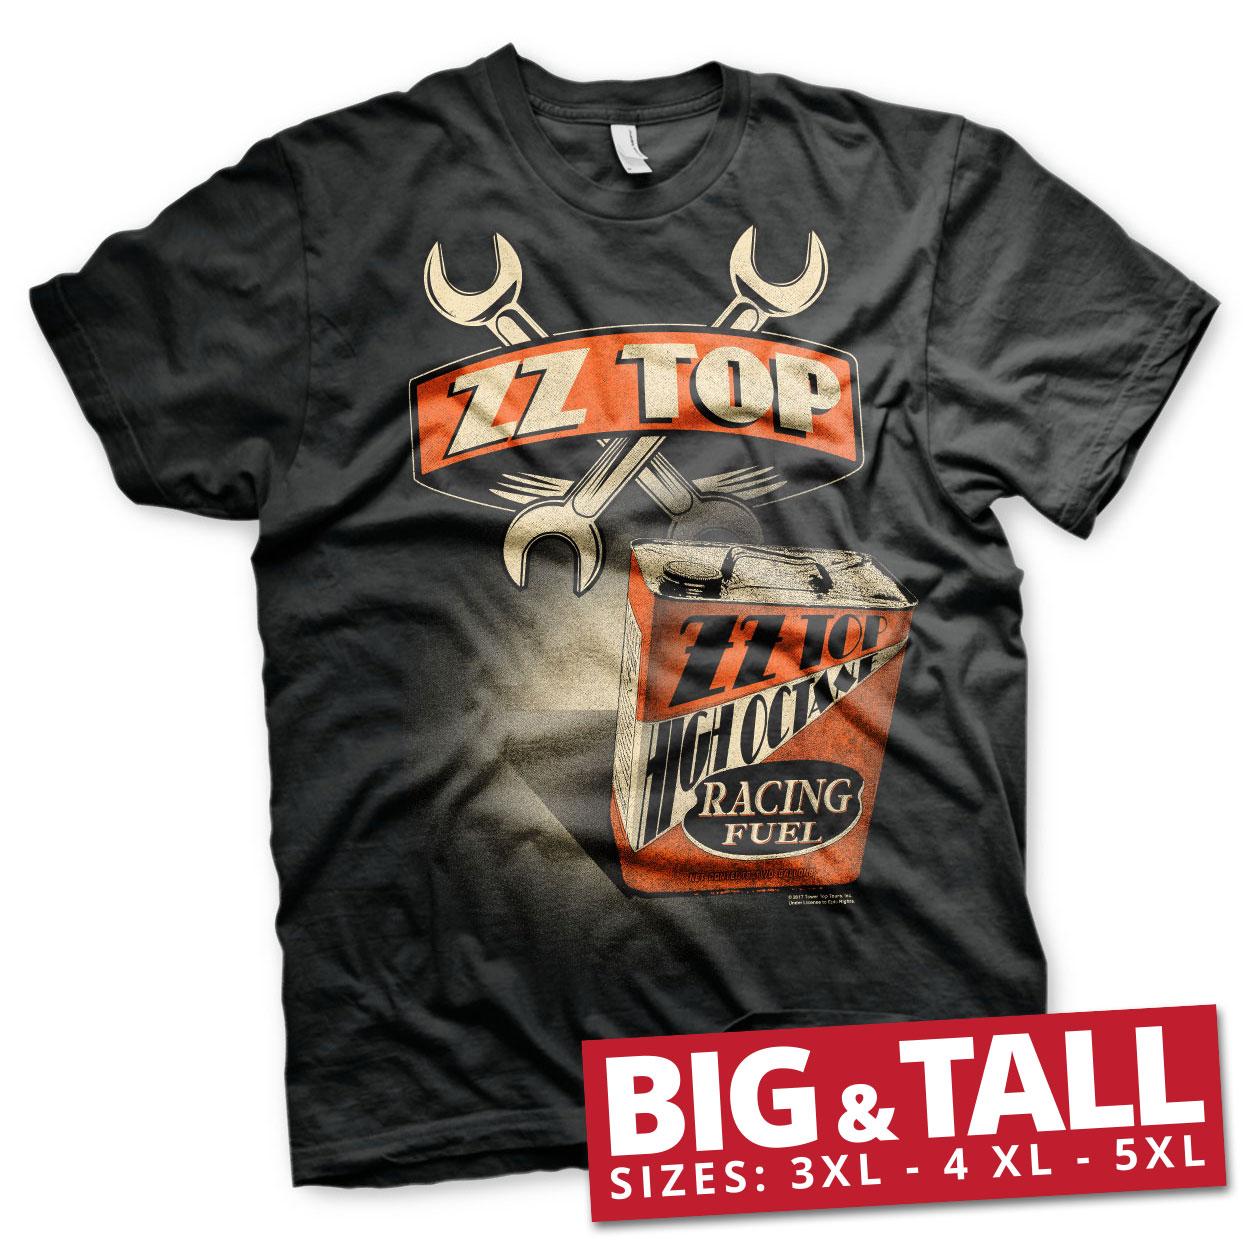 ZZ-Top High Octane Racing Fuel Big & Tall T-Shirt